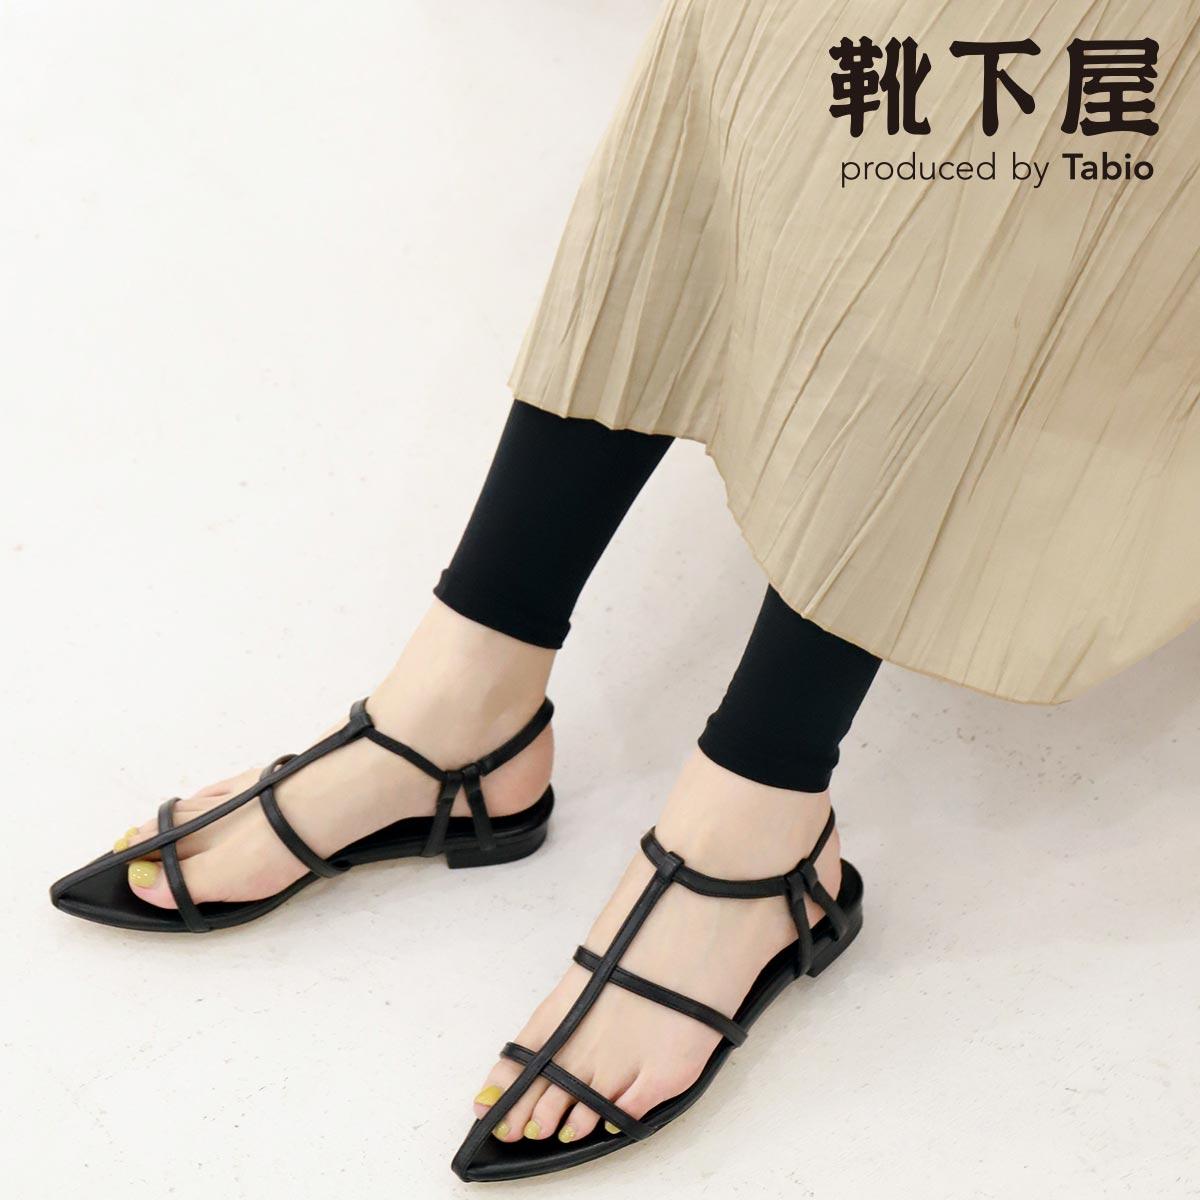 靴下屋 綿混10分丈レギンス 靴下 タビオ Tabio くつ下 日本製 レギンス ついに入荷 レディース ショッピング あす楽 スパッツ